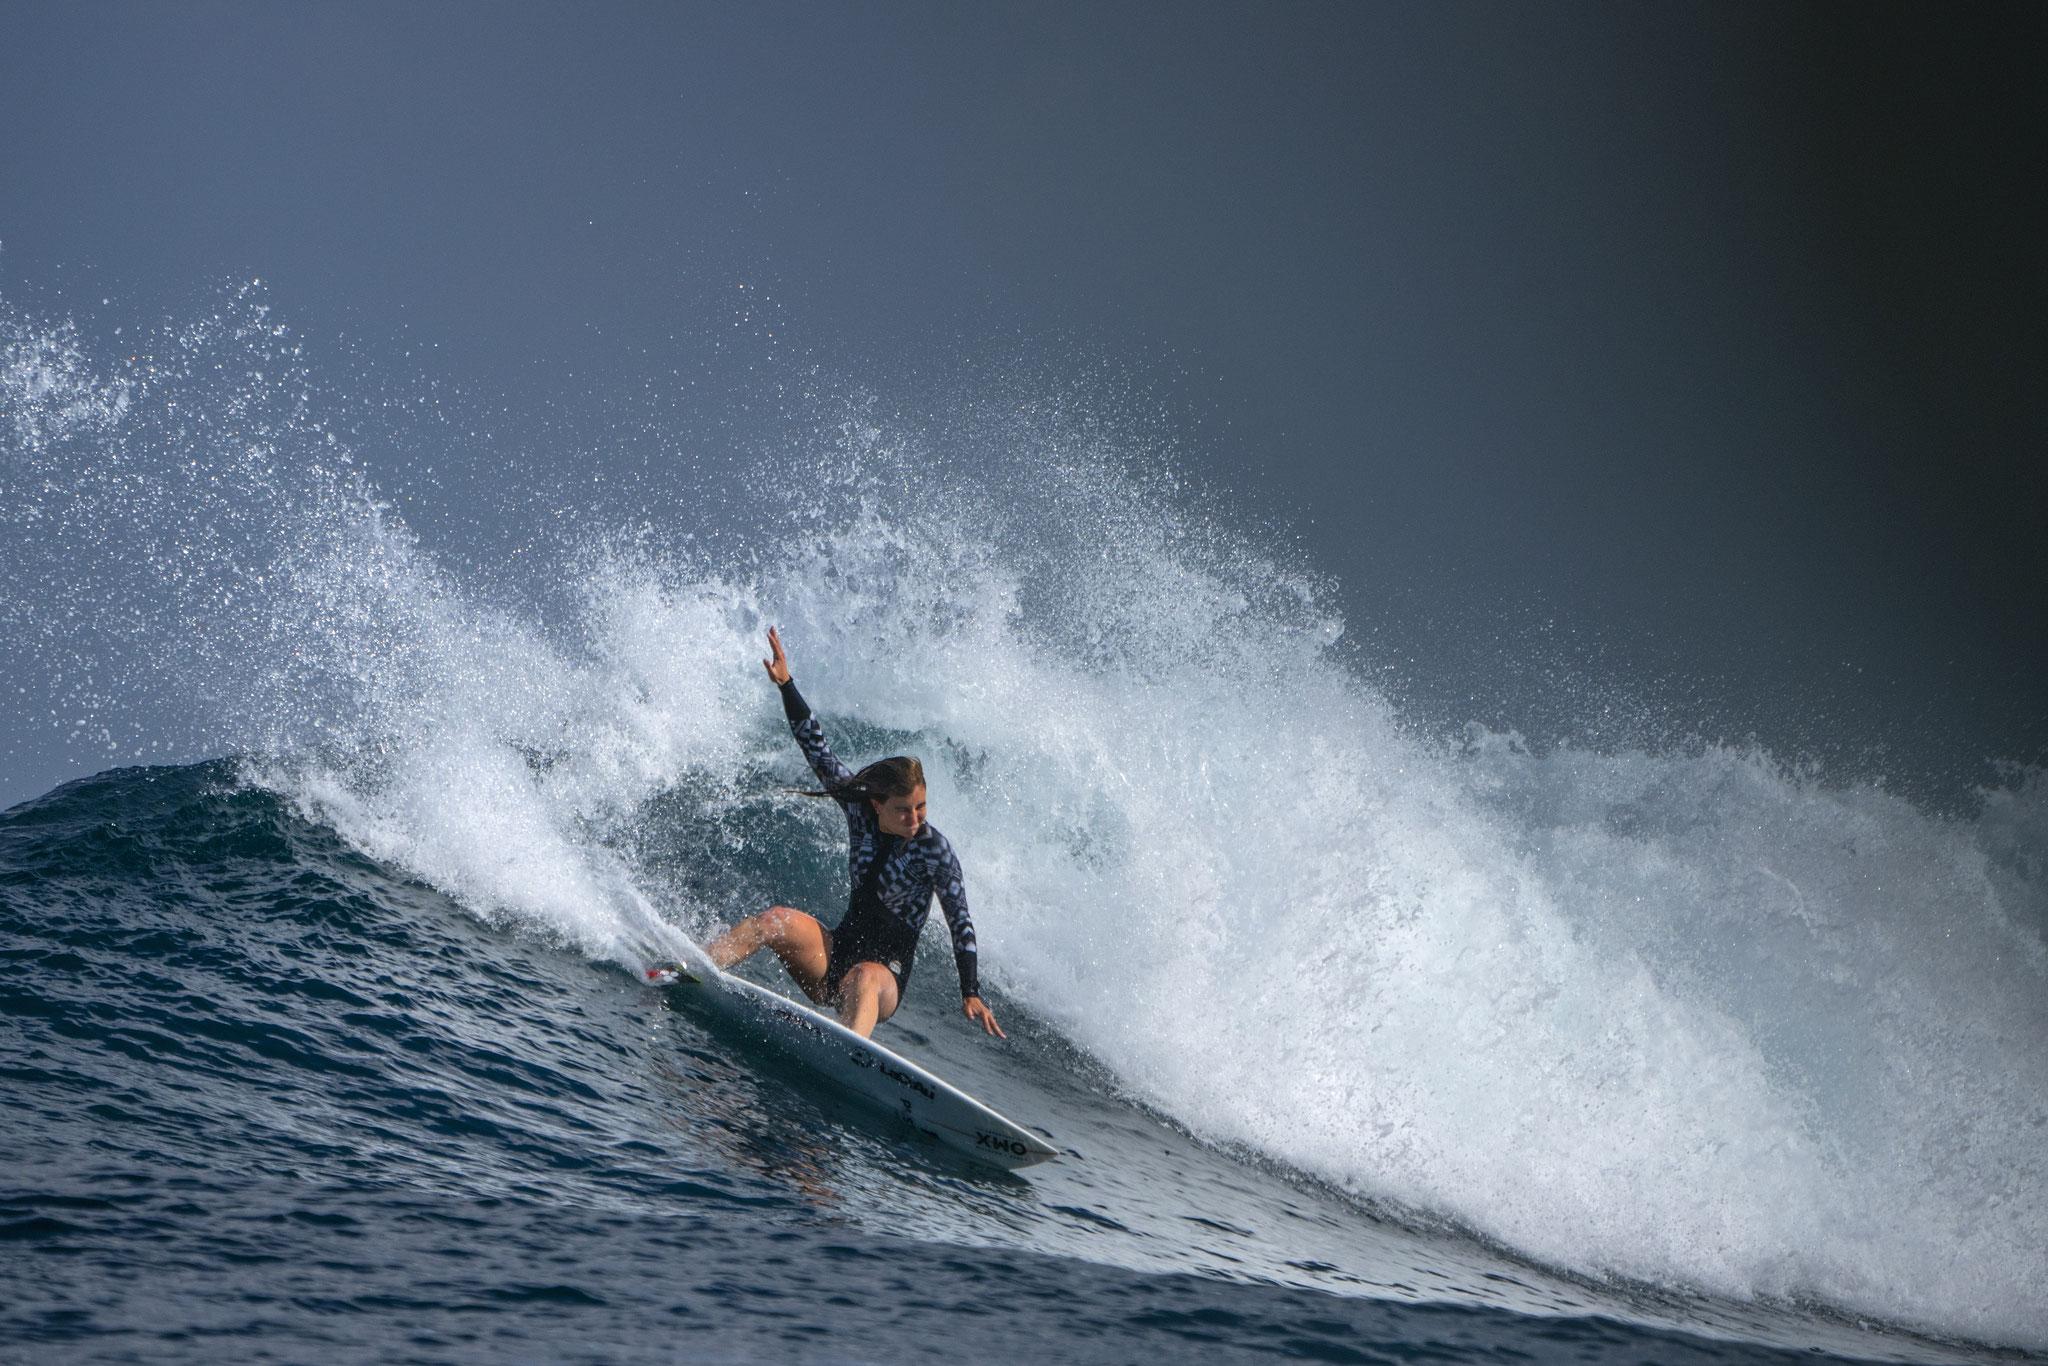 Athlete training camp Madagascar Surf Lodge 2018 photo: Roger Sharp, Carve Magazine